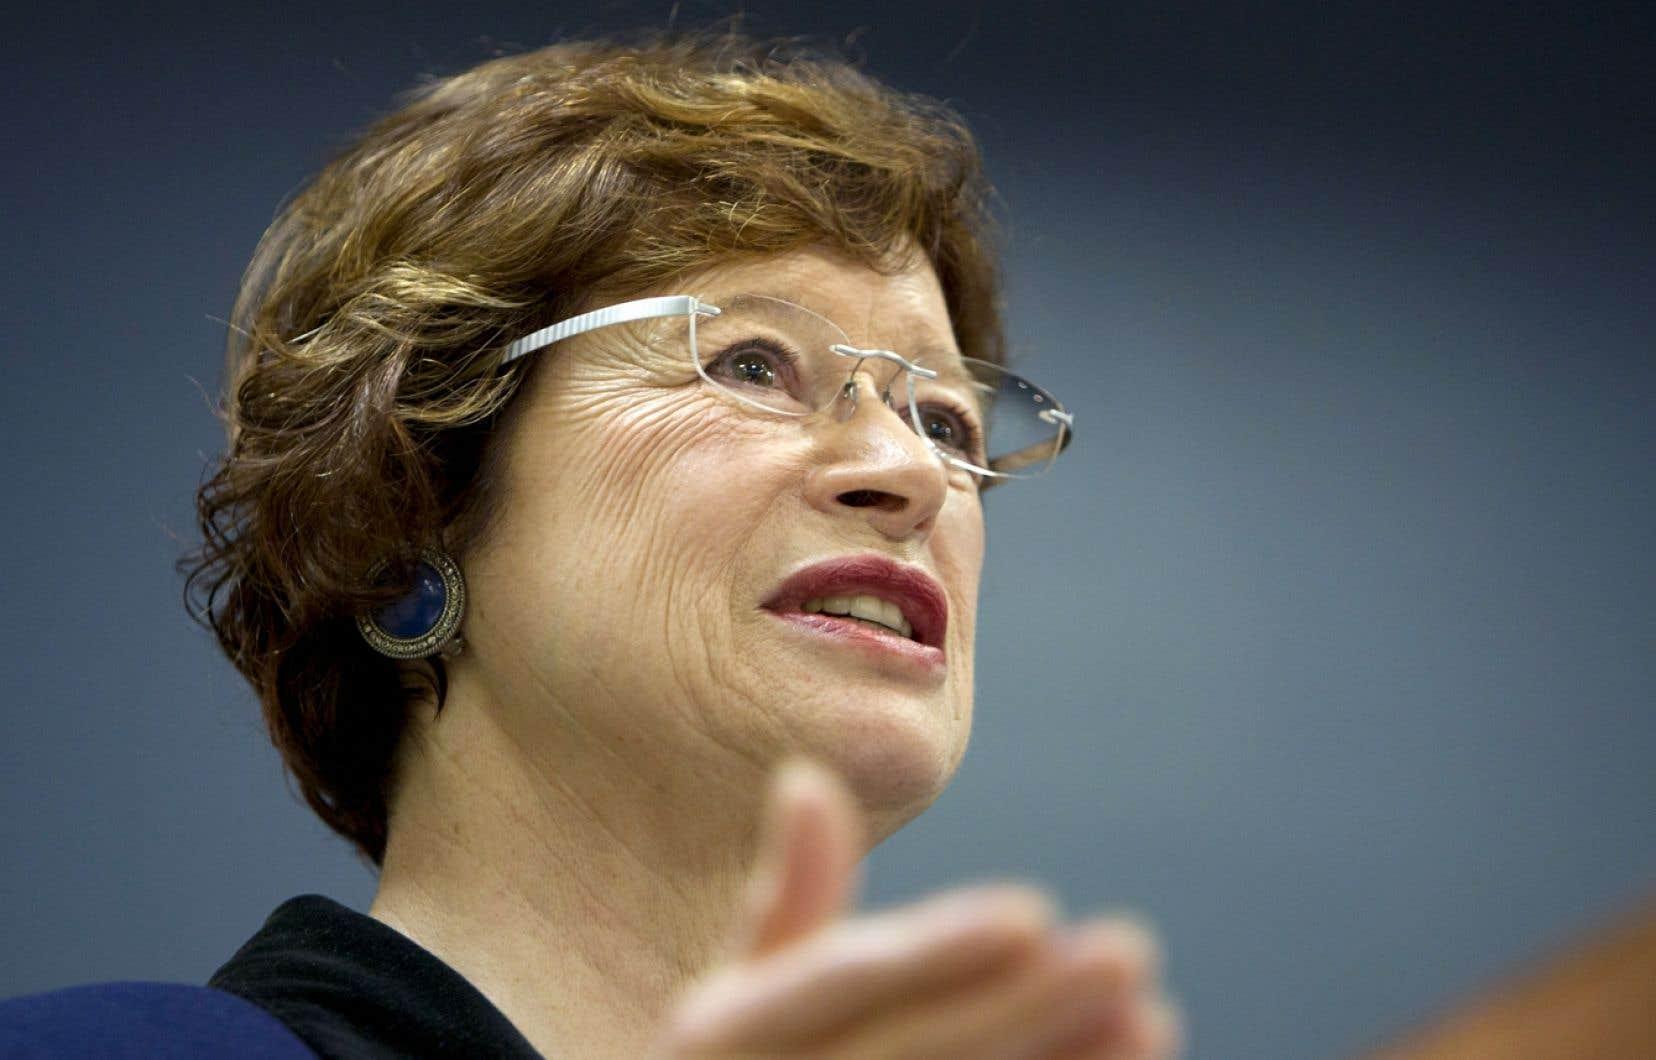 Marie Malavoy a été député de Sherbrooke de 1994 à 1998 et présidente du Parti québécois de 2000 à 2005. Elle est député de Taillon depuis 2006.